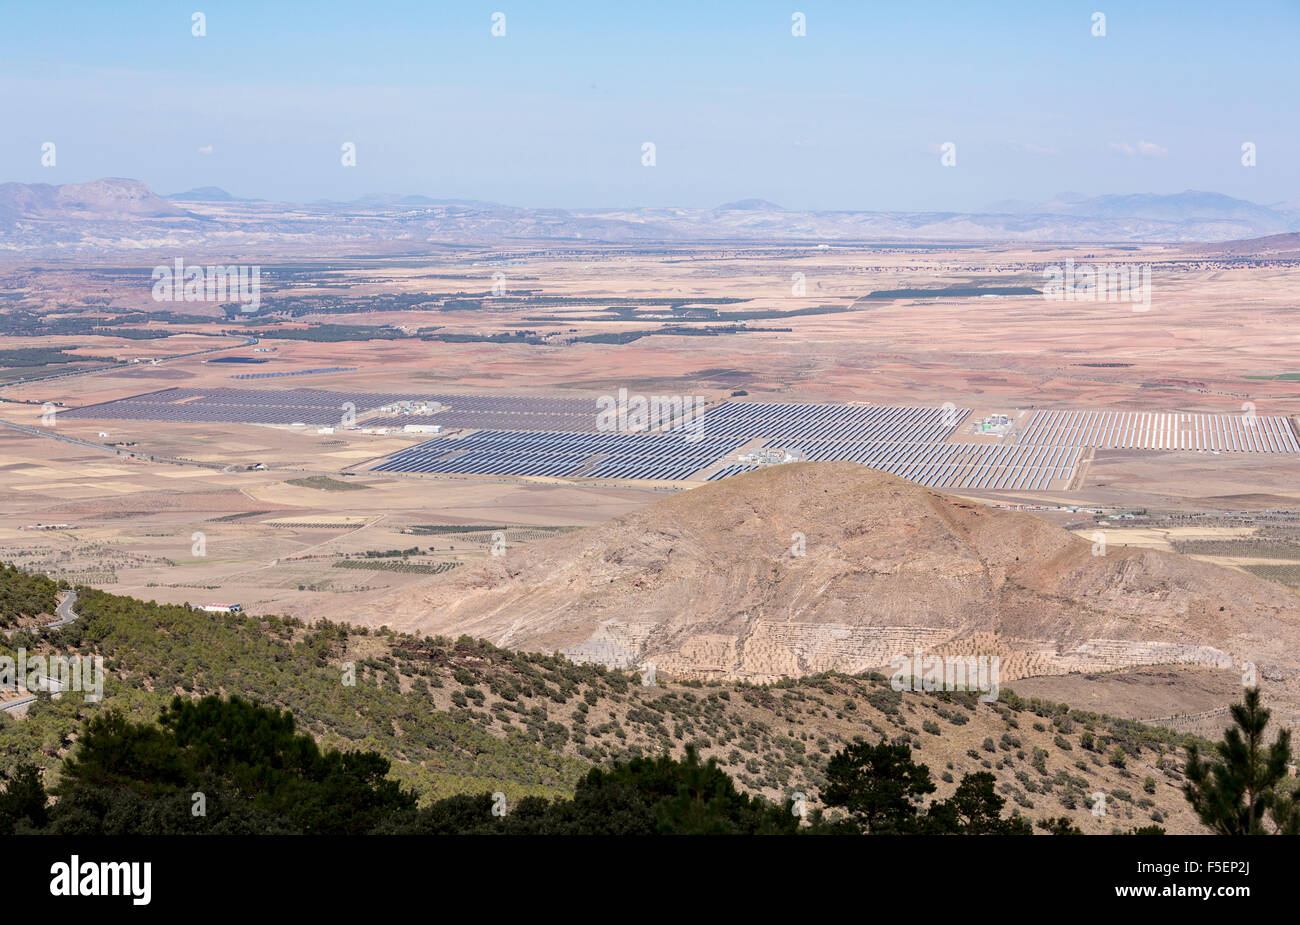 Vista aérea de paneles solares en una gran granja solar array en el campo en el sur de España Imagen De Stock